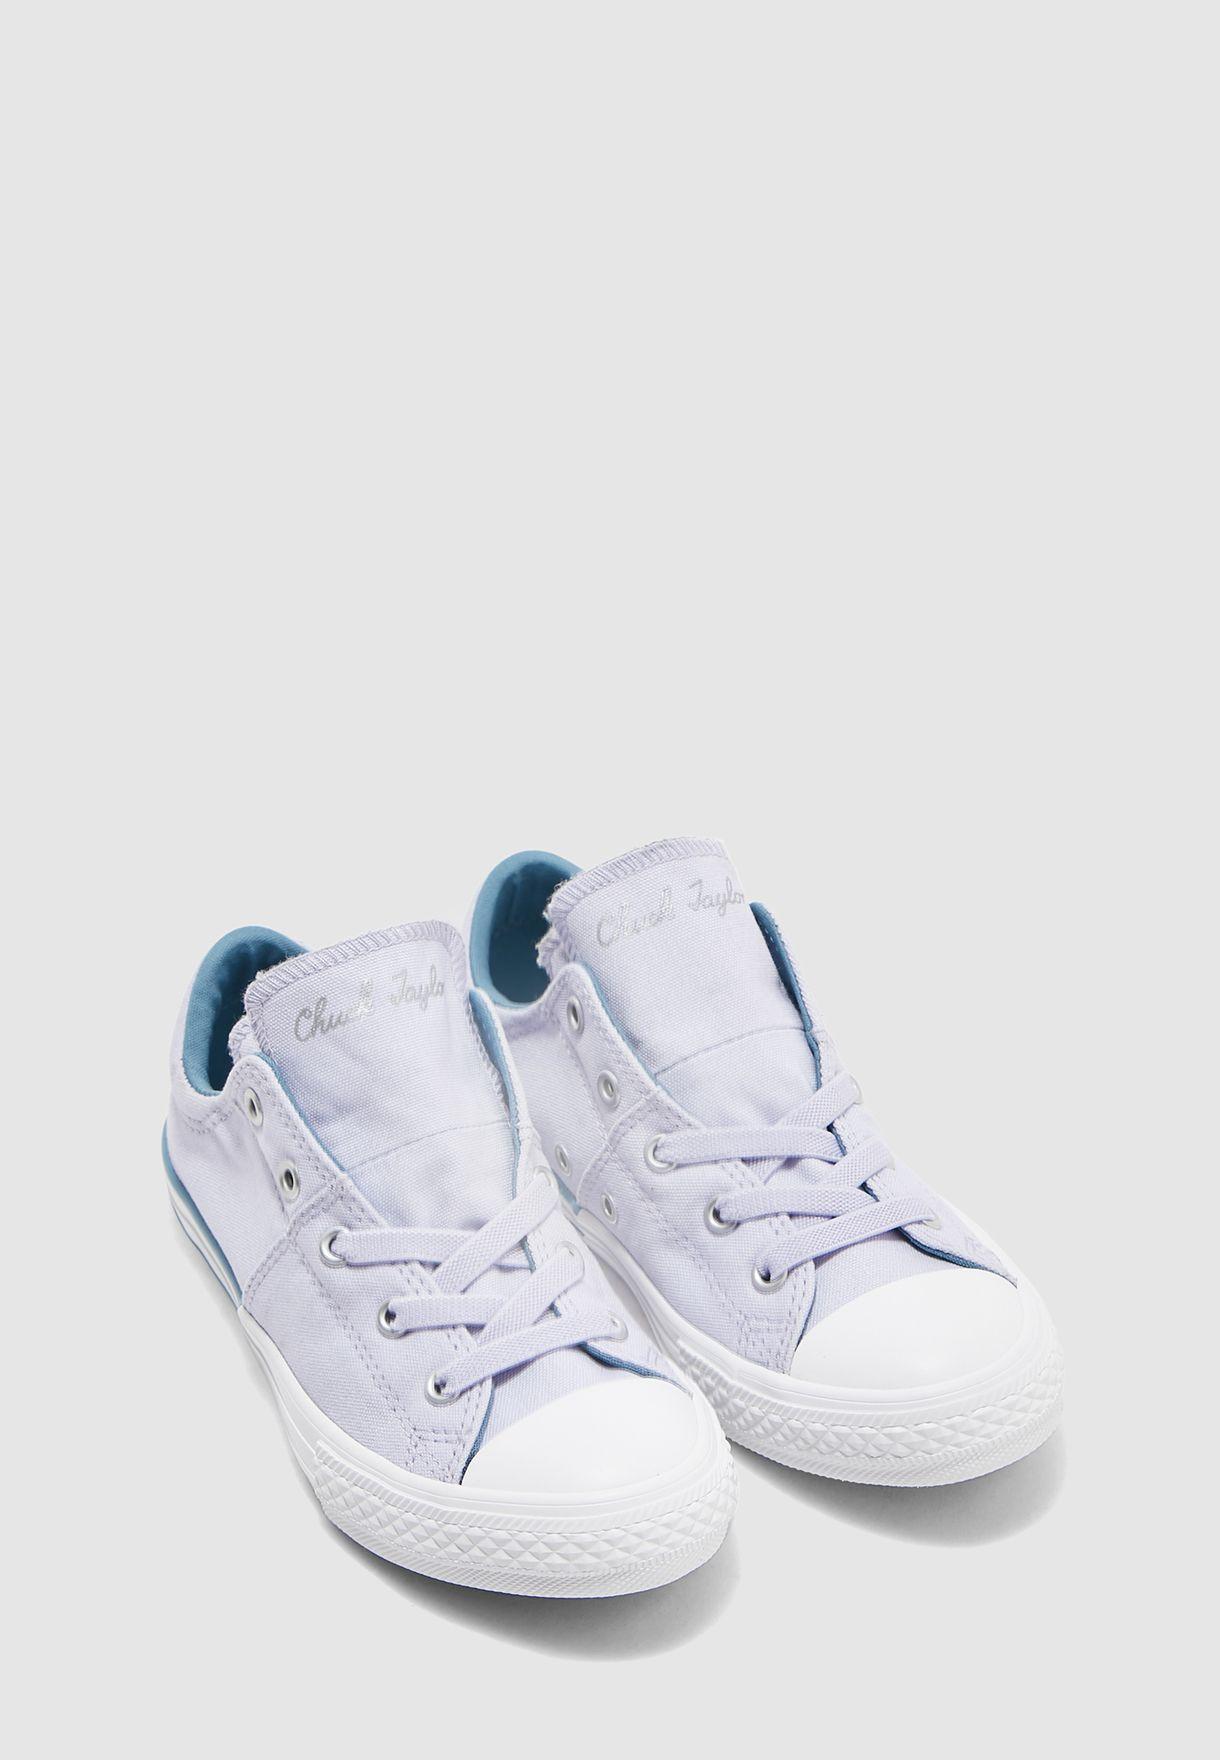 حذاء تشك تايلور اول ستار مادي